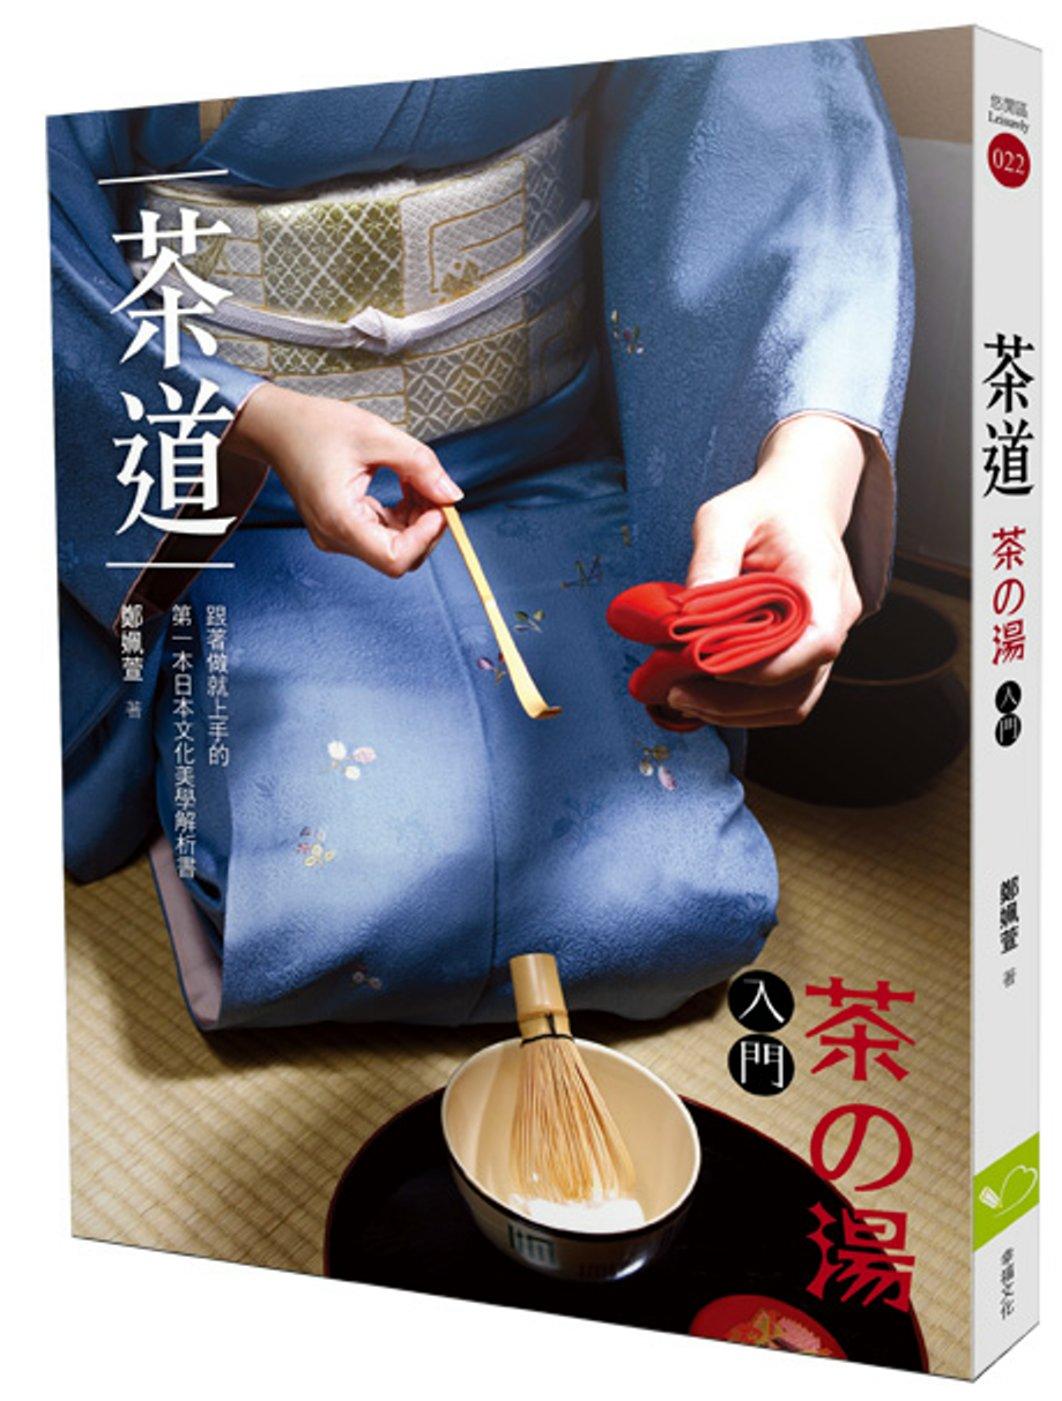 茶道(茶�湯入門):跟著做就上手的第一本日本文化美學解析書